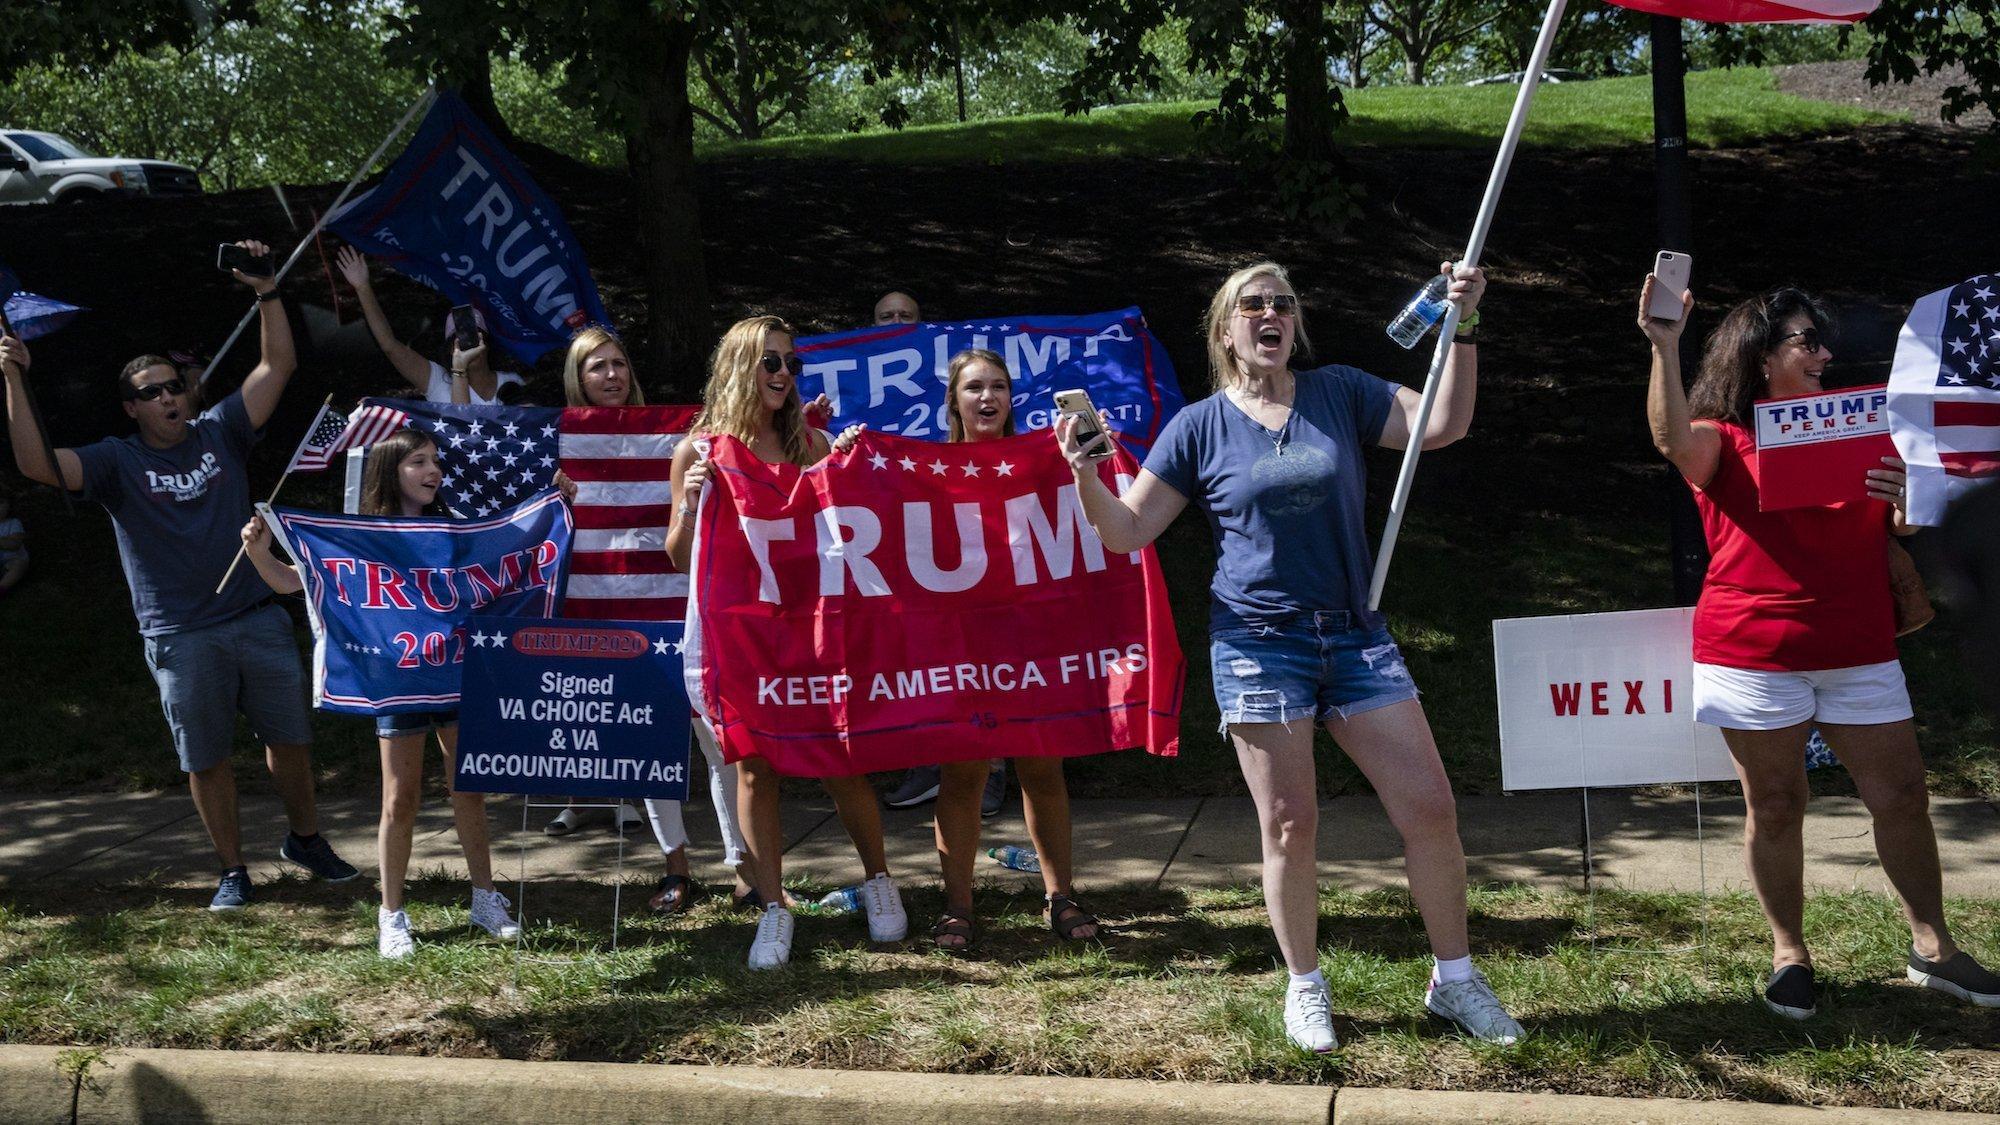 Das Foto zeigt eine Gruppe von Unterstützerinnen von US-Präsident Donald Trump am 30. August 2020in Sterling, Virginia. Es sind hauptsächlich junge Frauen und Teenagerinnen, die Fahnen und Transparente in Händen halten.